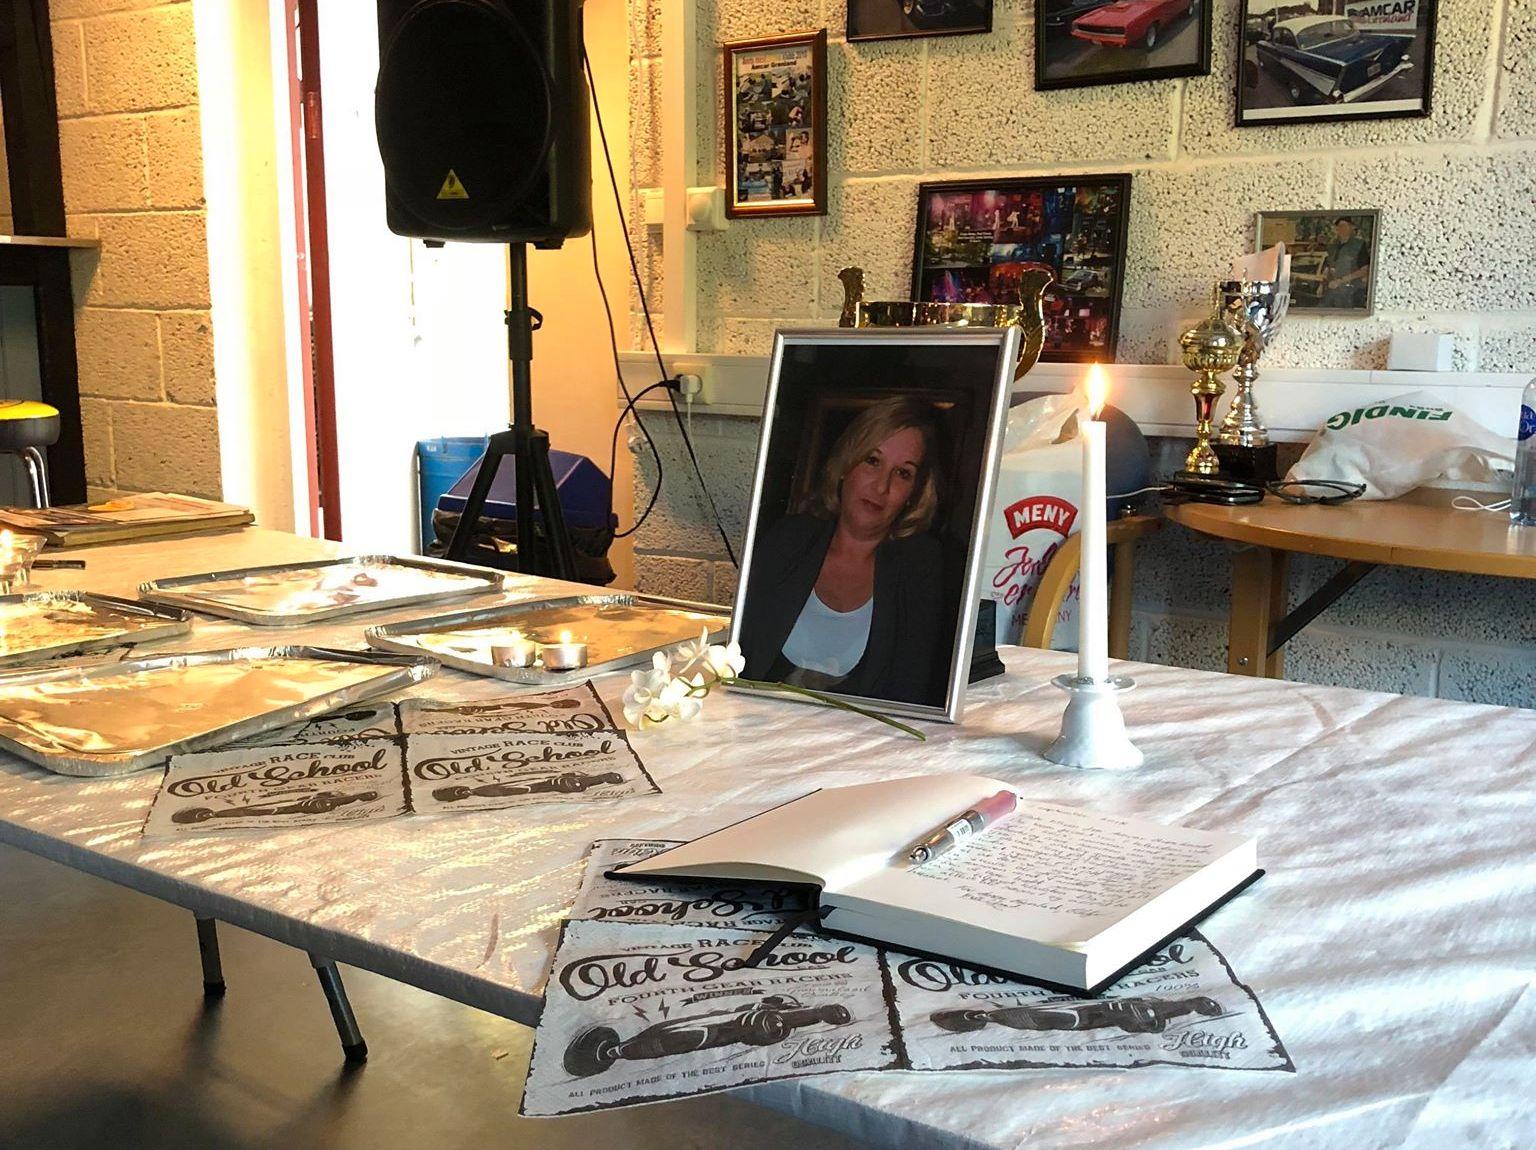 MINNESTUND: Wenche Kise var en av de fem personene som omkom i den tragiske bilulykken på Rjukan søndag.